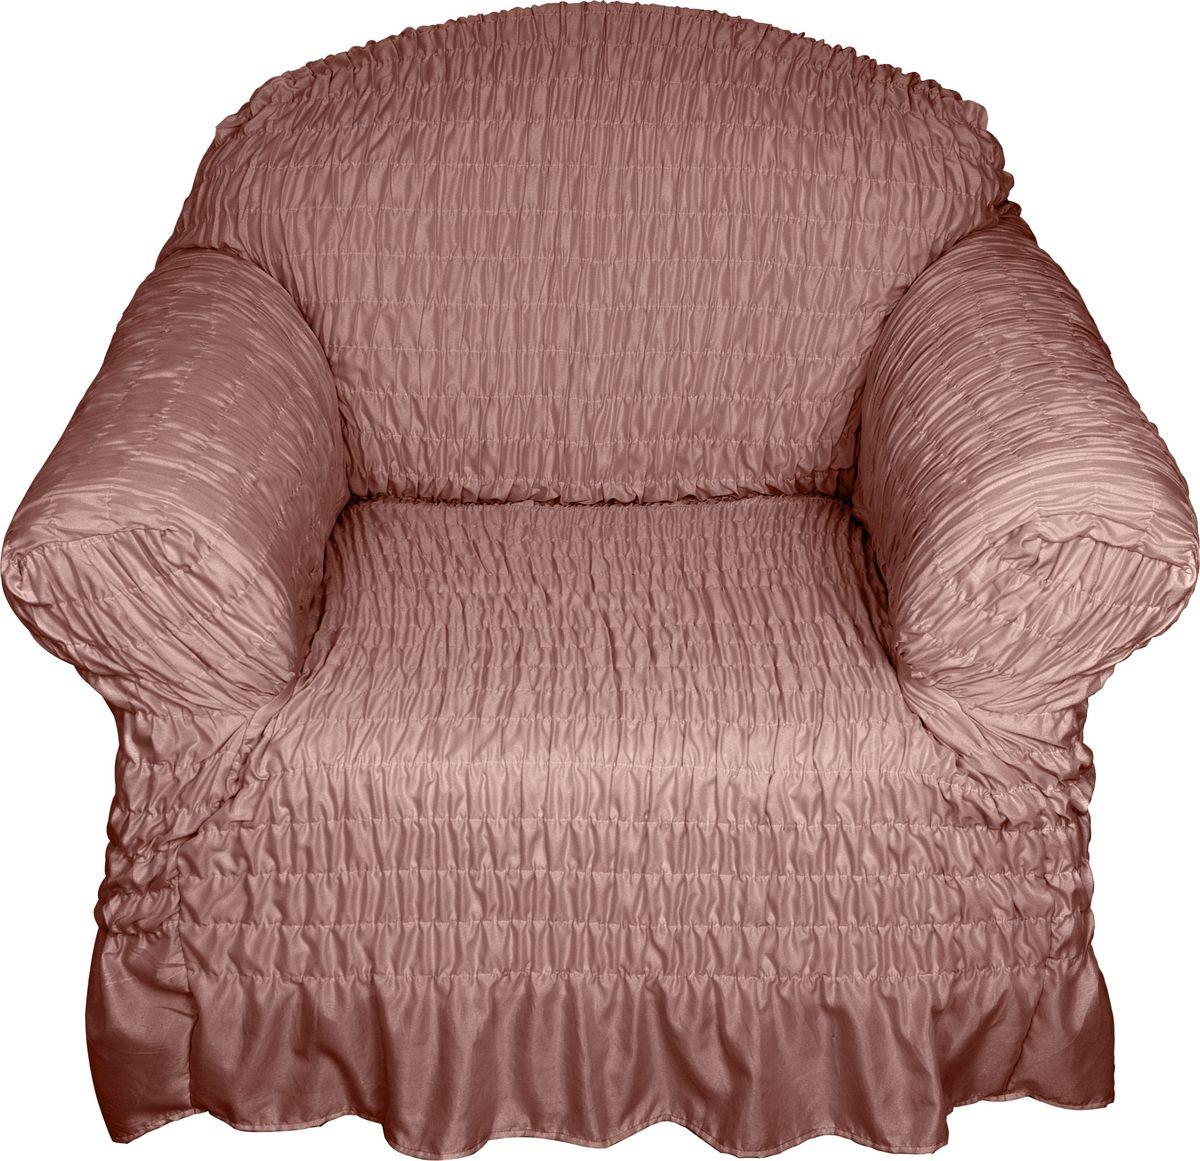 Чехол на кресло Медежда Дэйзи, цвет: шоколадный1401101111000Чехол на кресло Дэйзи состоит из двух слоев: один слой микрофибра, второй слой - трикотаж. Одновременно воздушный и плотный, чехол не просвечивает, не сползает даже со скользких кожаных диванов.